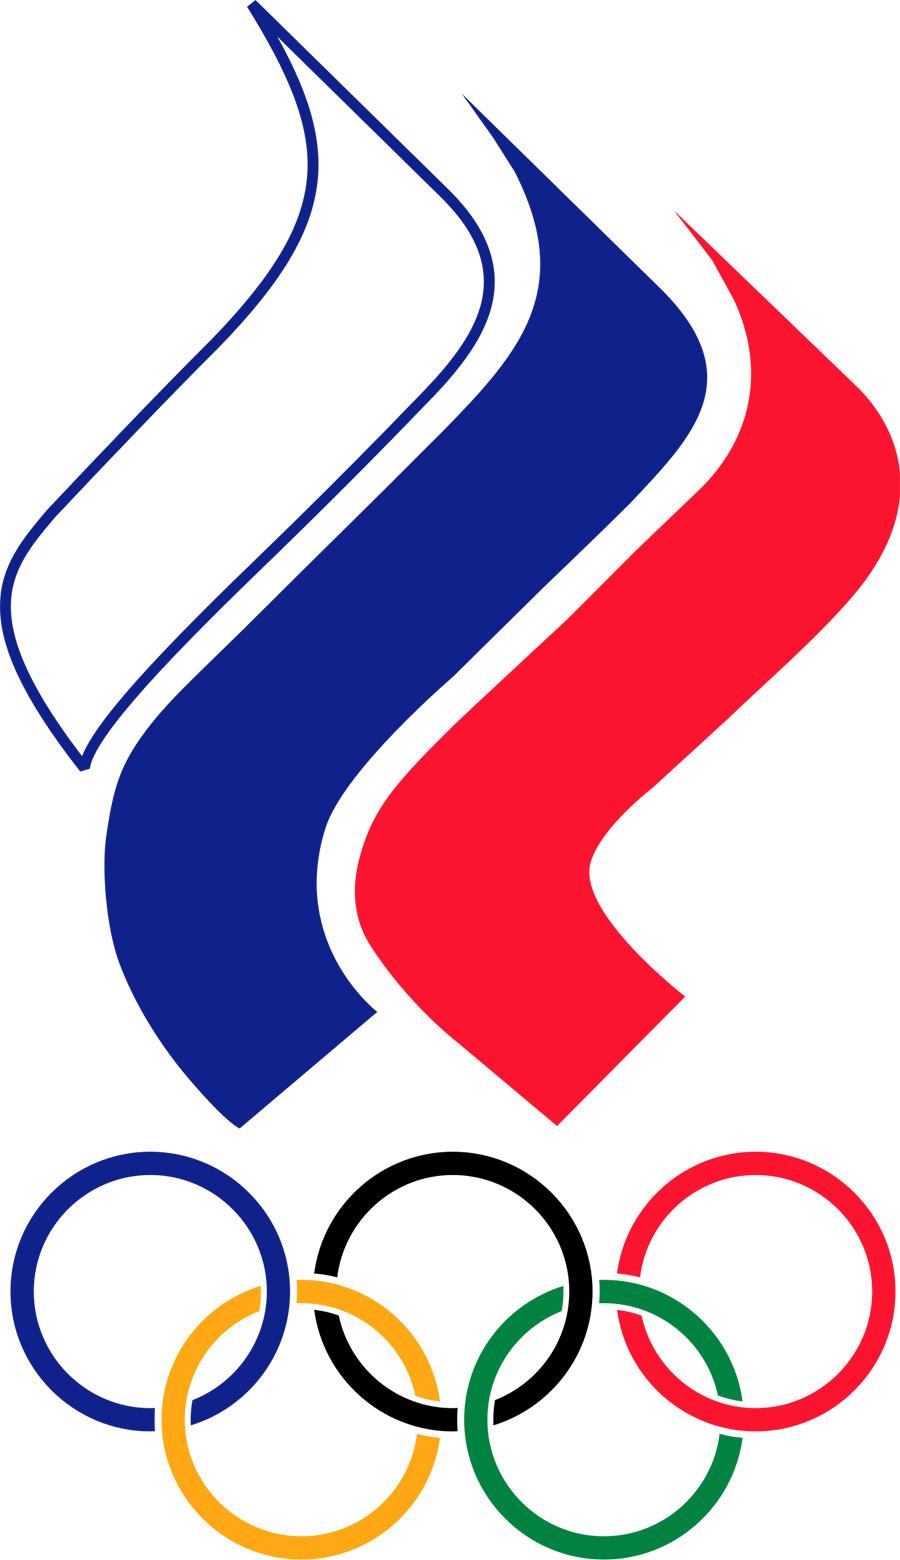 Das Emblem des Russischen Olympischen Komitees.